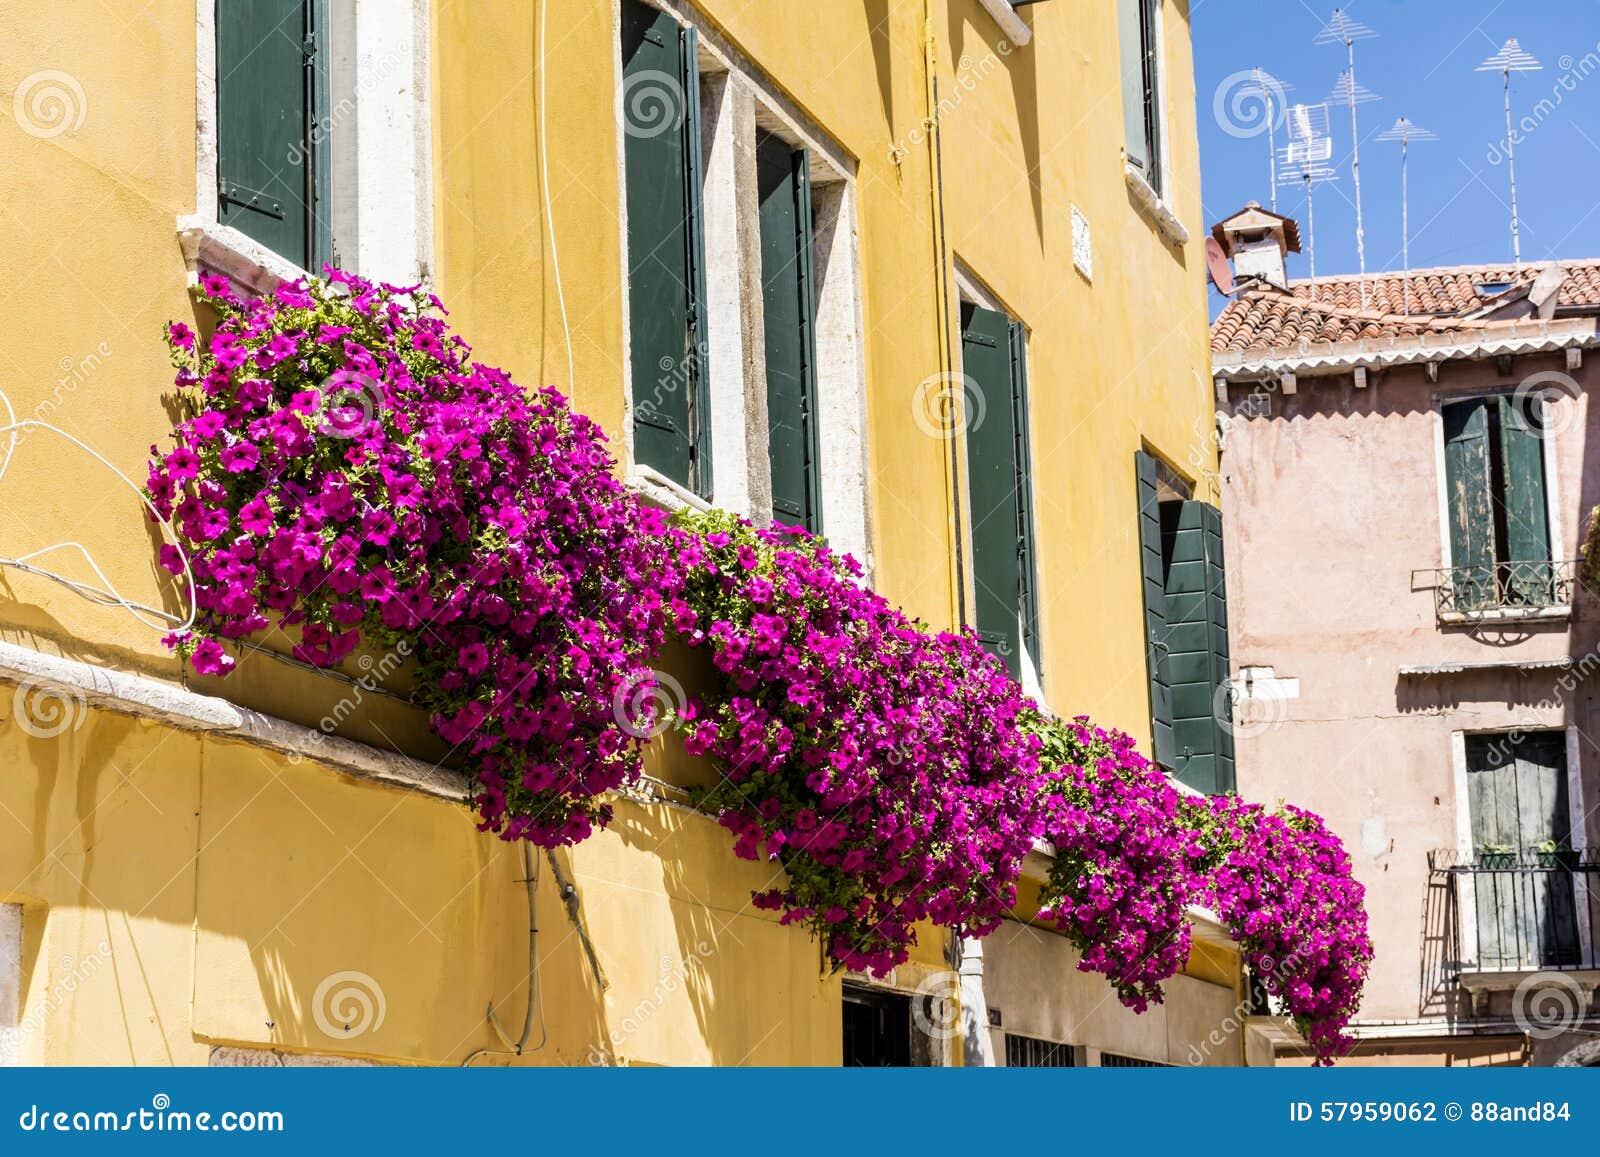 El Edificio Amarillo Antiguo Con La Terraza Con La Petunia